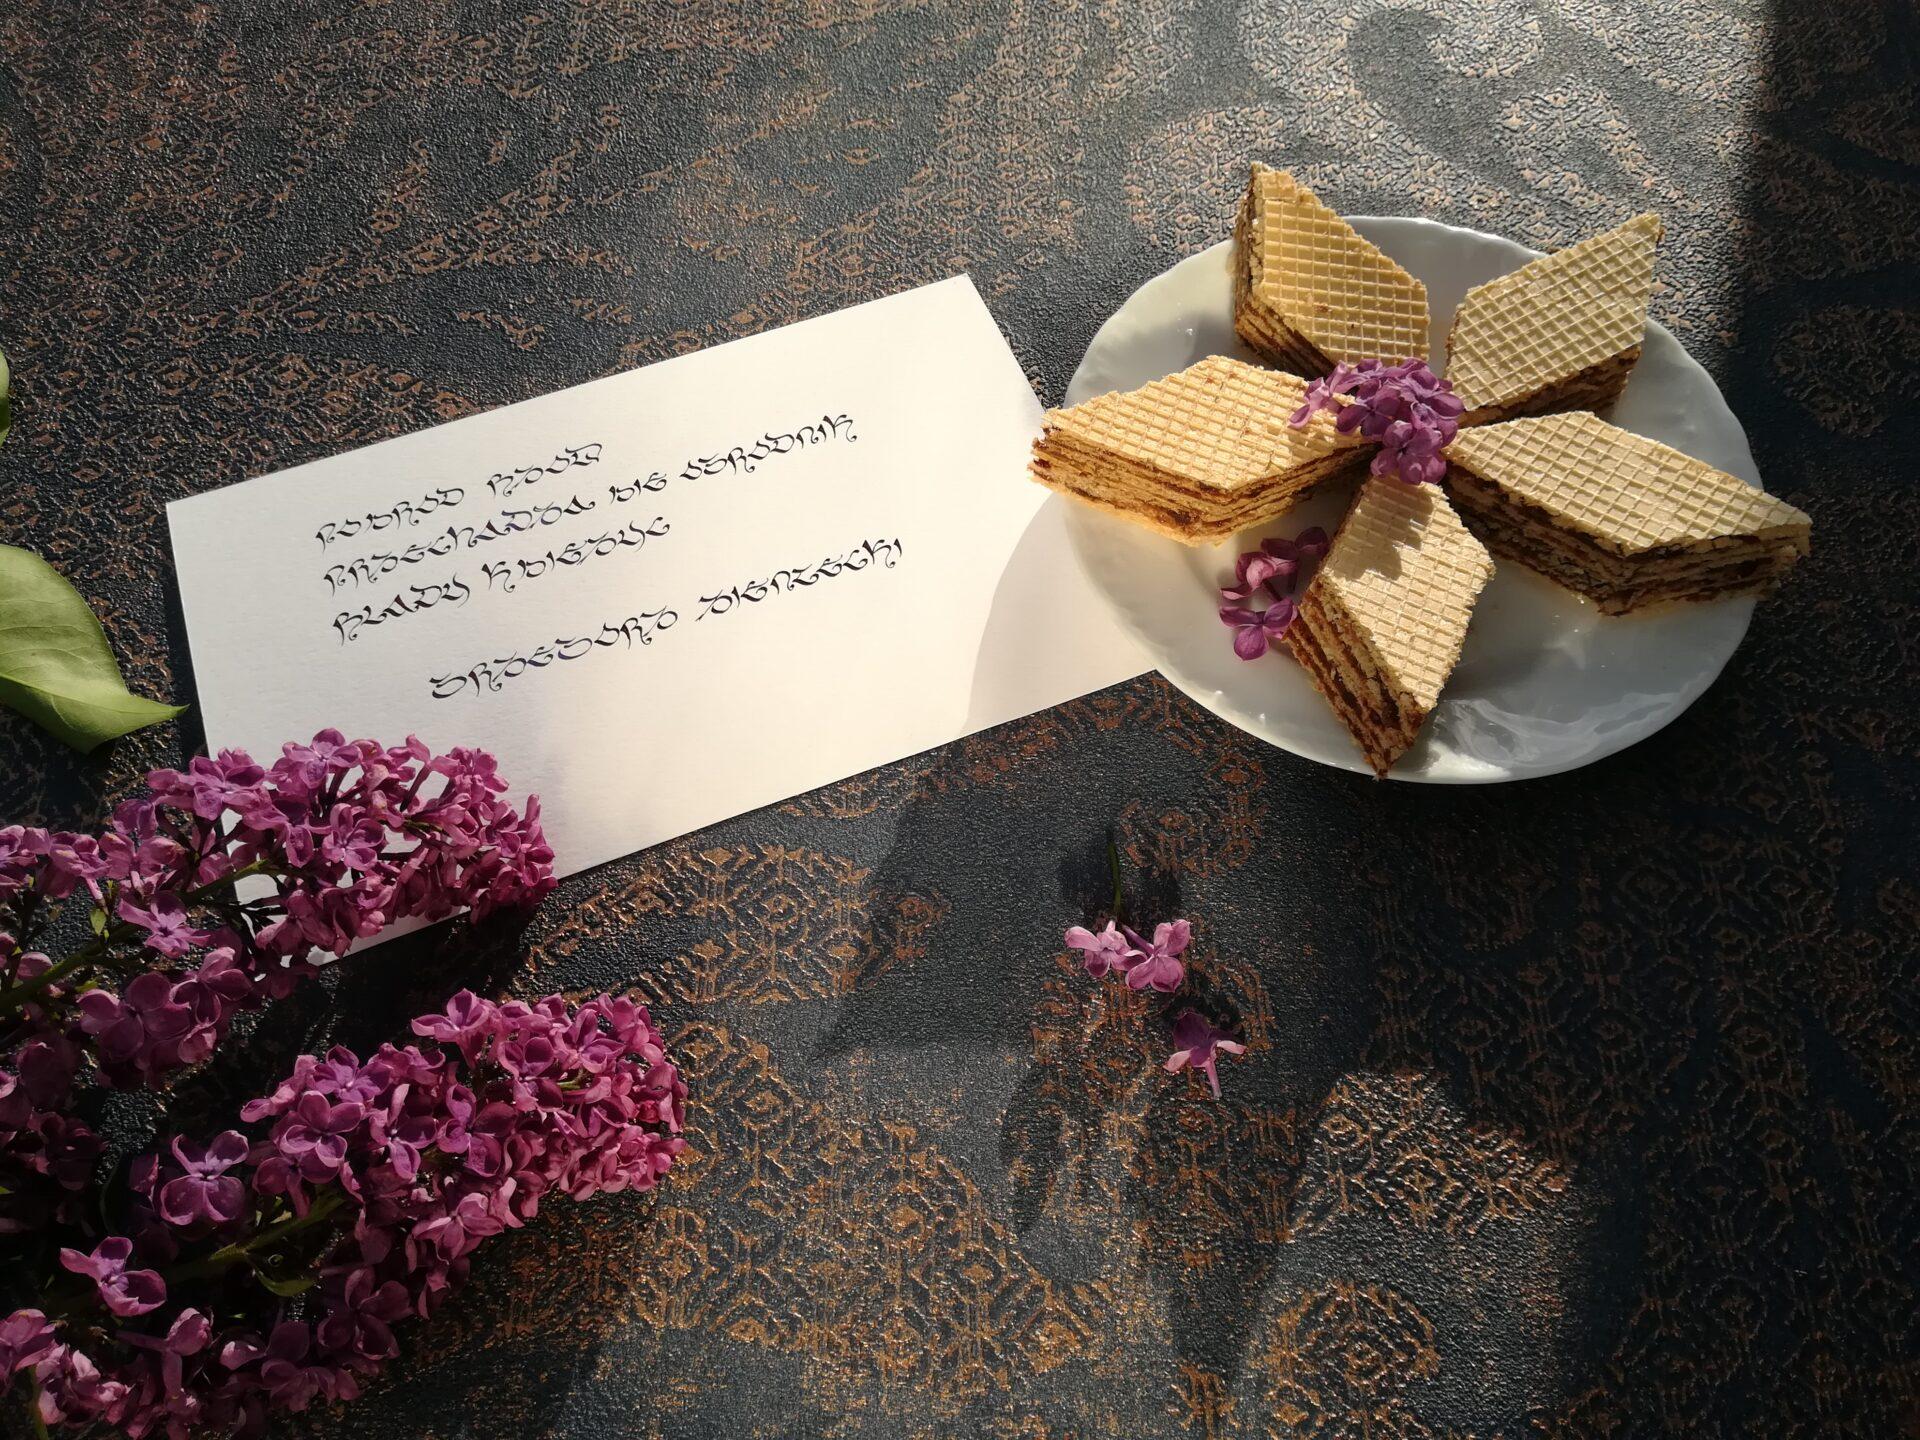 chrupiące wafelki z masą czekoladową, torcik z wafli, dzieło Oskara Pischingera, Oskar Pischinger